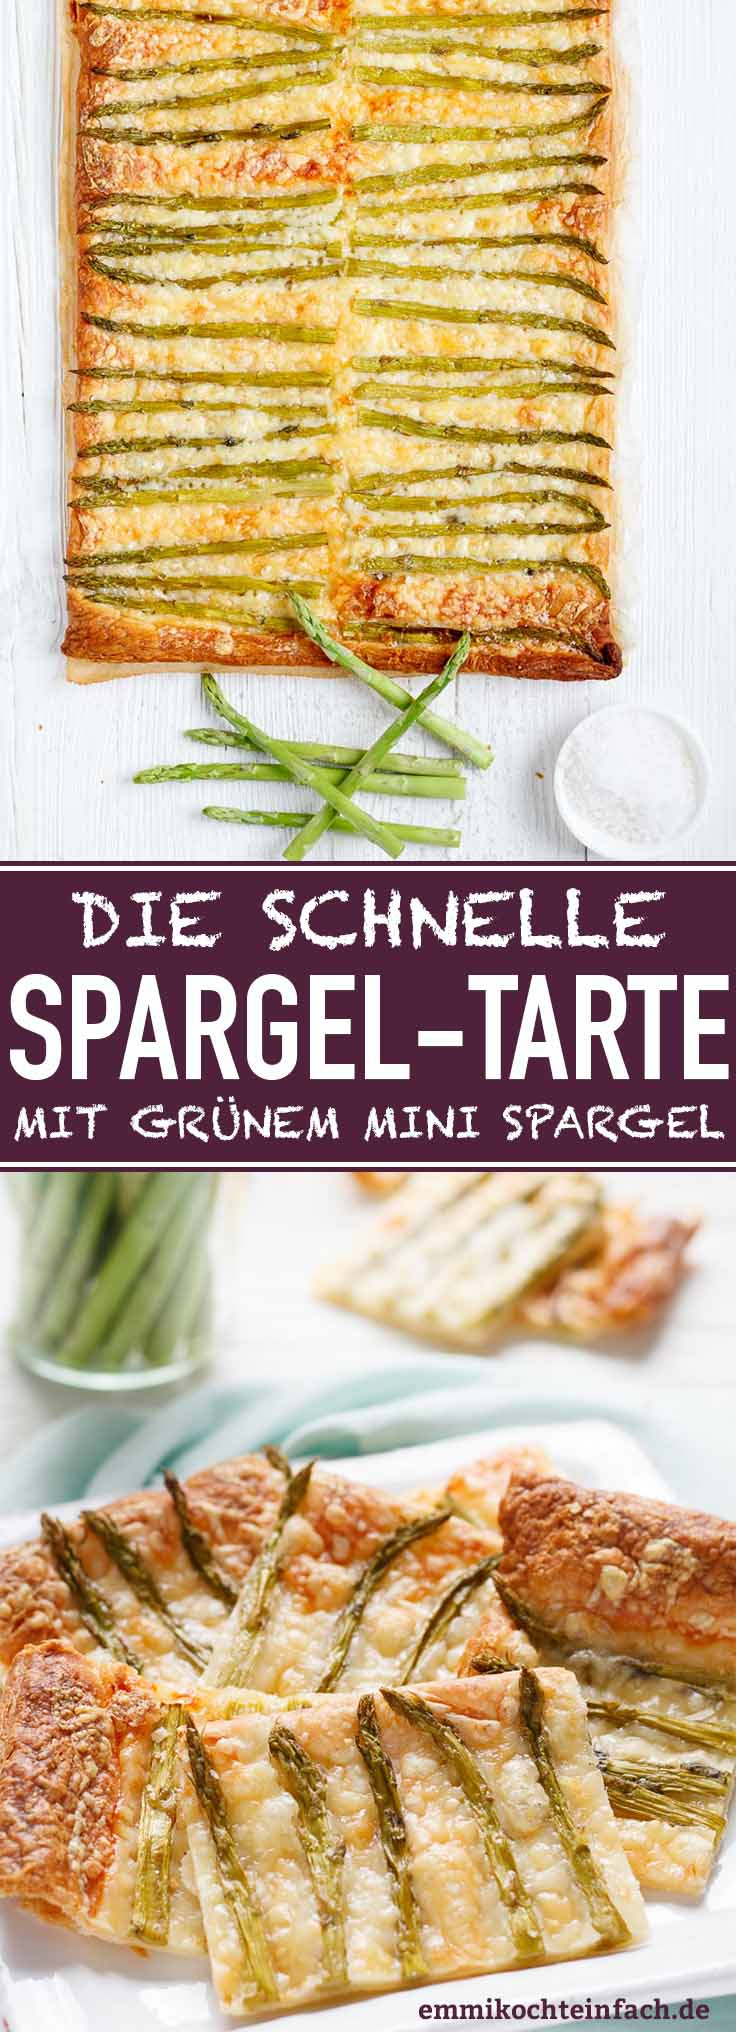 Die einfache und schnelle 3-Zutaten-Spargeltarte - www.emmikochteinfach.de